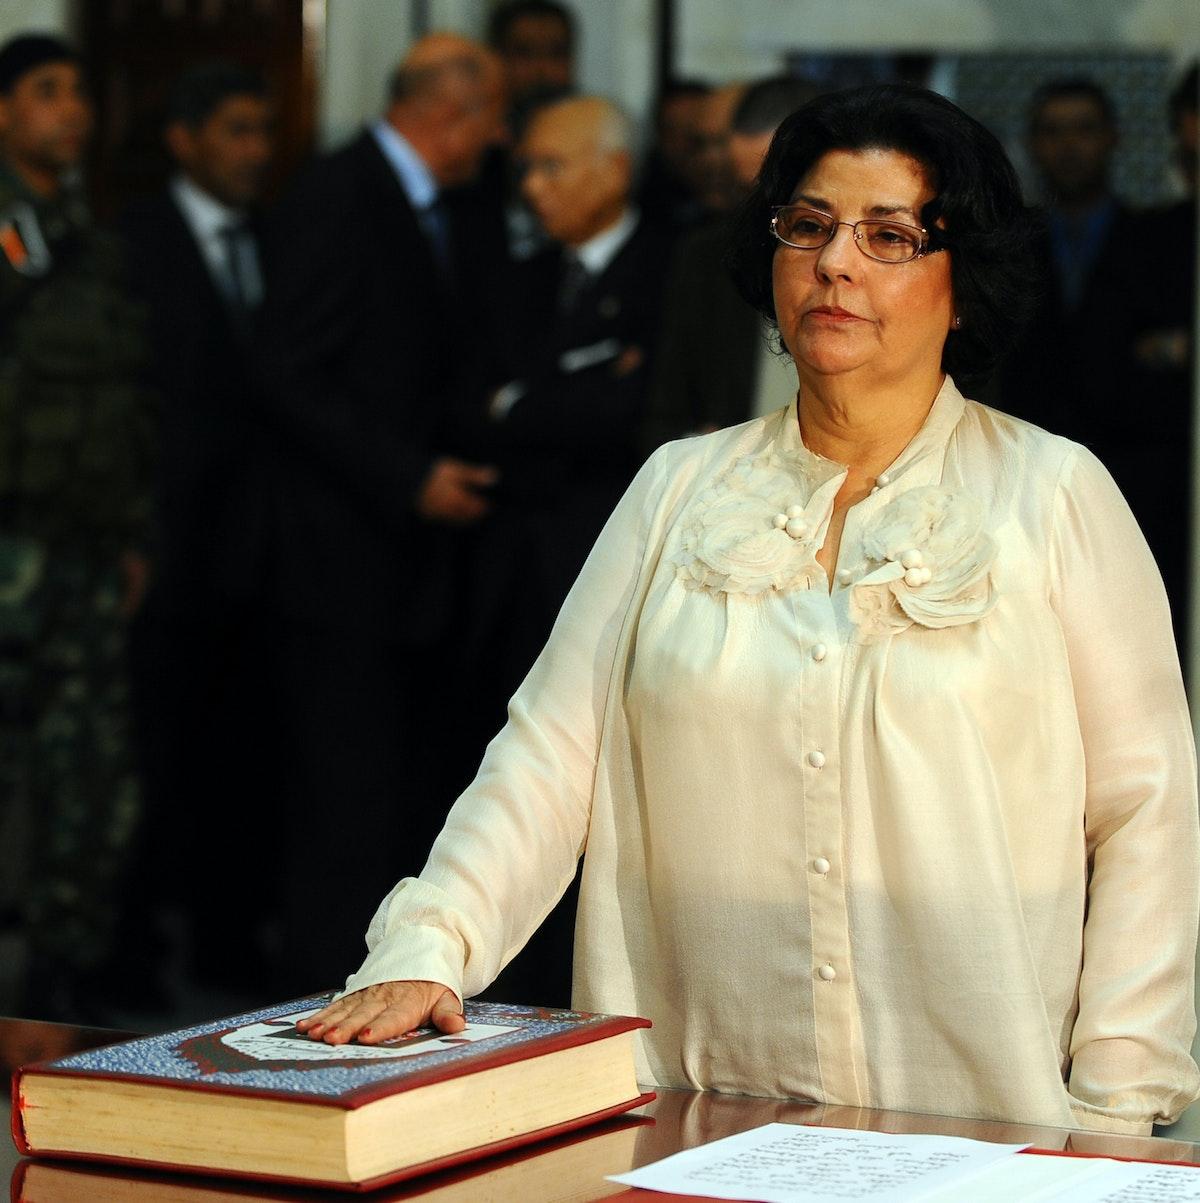 مفيدة التلاتلي تؤدي قسم توليها وزارة الشؤون الثقافية في تونس 2011 - AFP